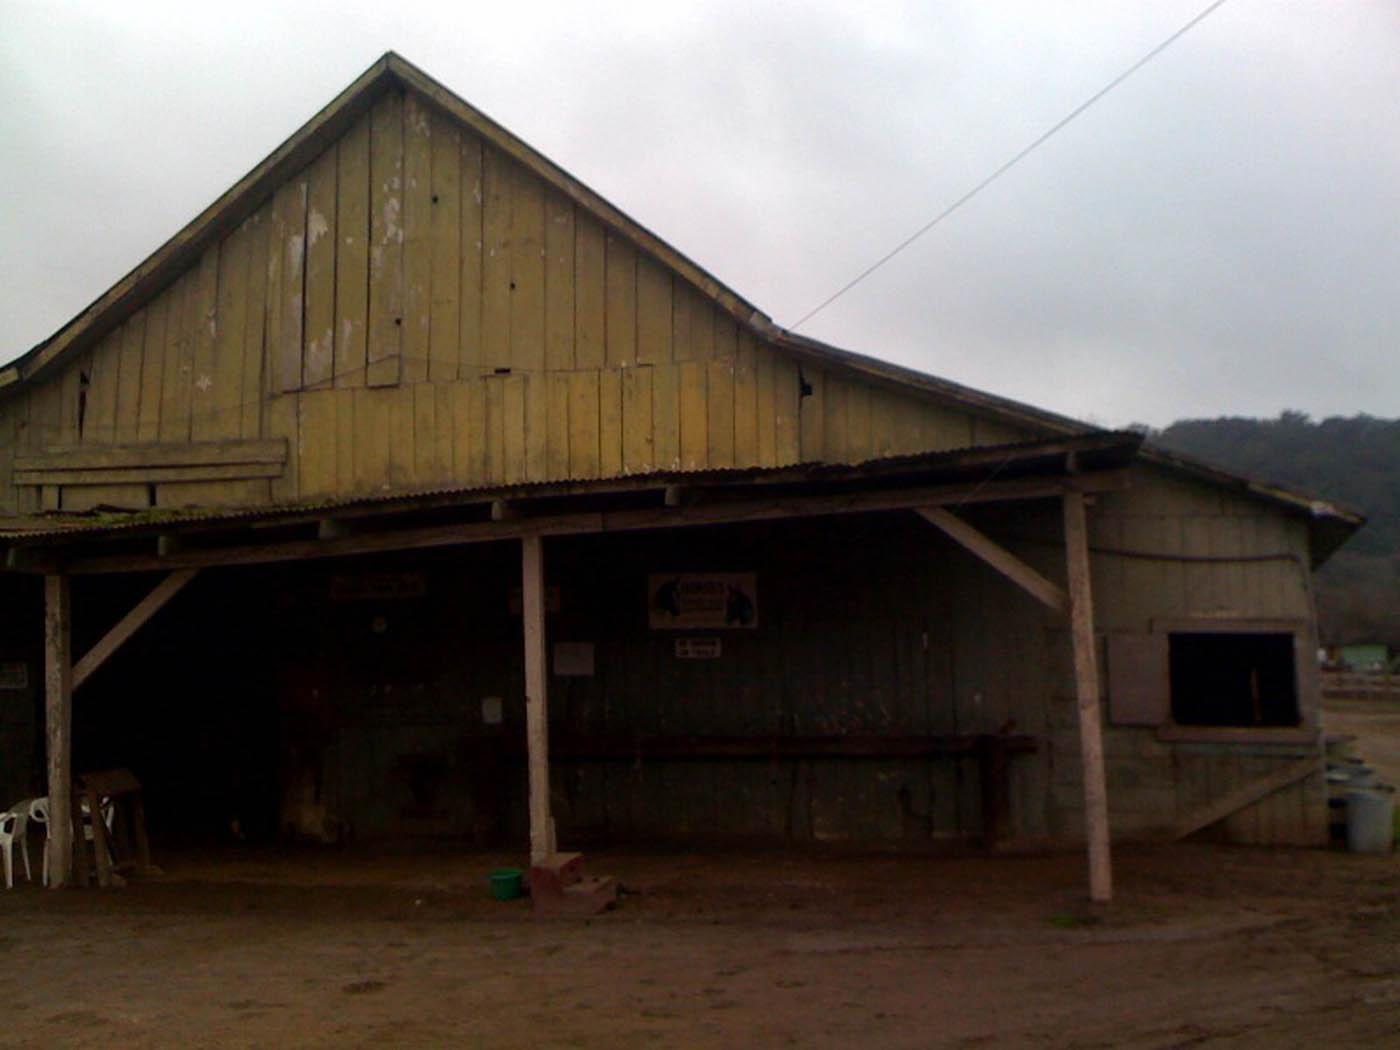 Webb barn rear_web.jpg